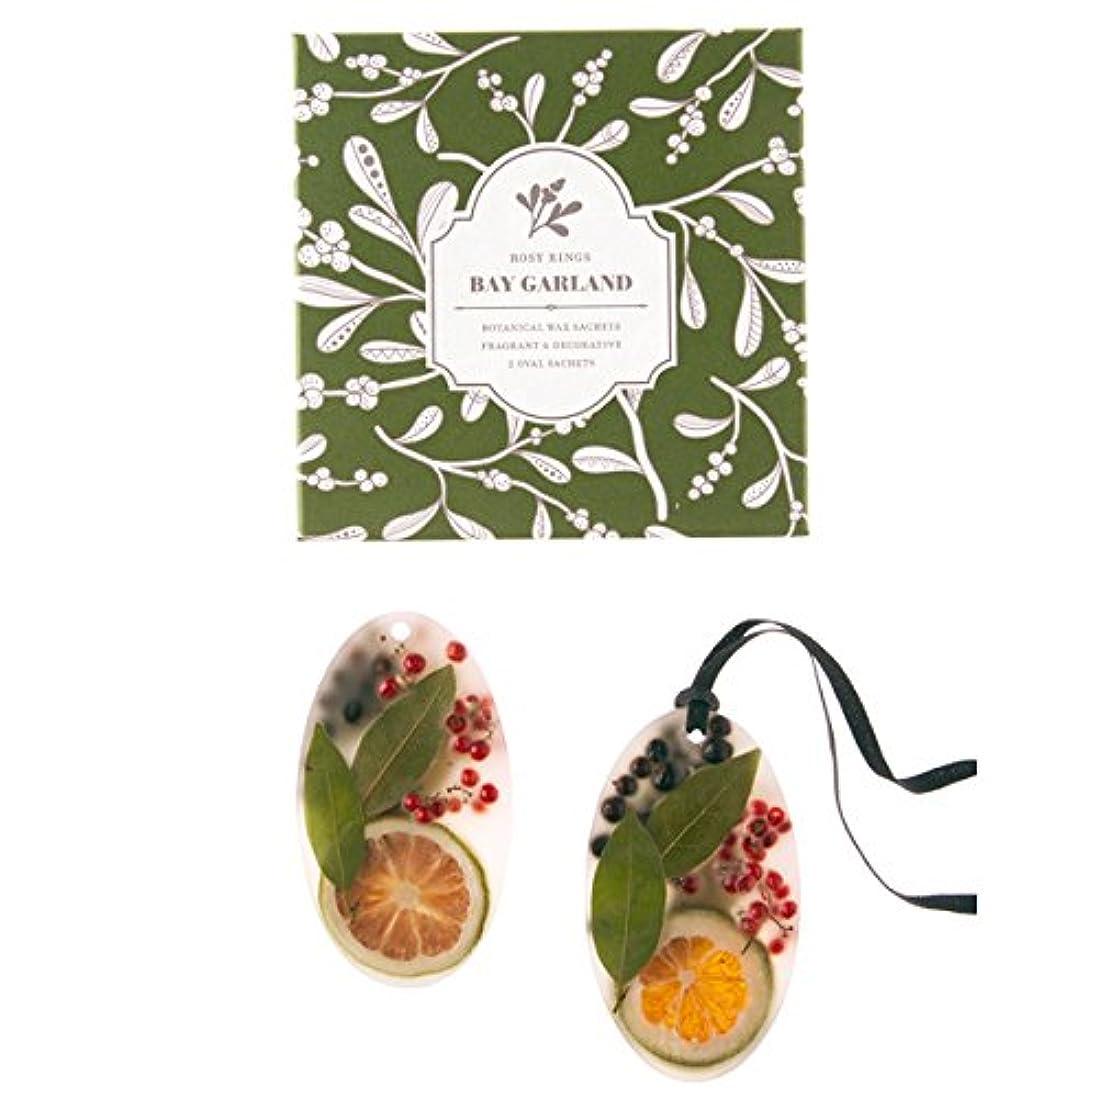 郵便屋さん汚すせっかちロージーリングス ボタニカルワックスサシェ オーバル ベイガーランド ROSY RINGS Signature Collection Botanical Wax Sachets – Bay Garland